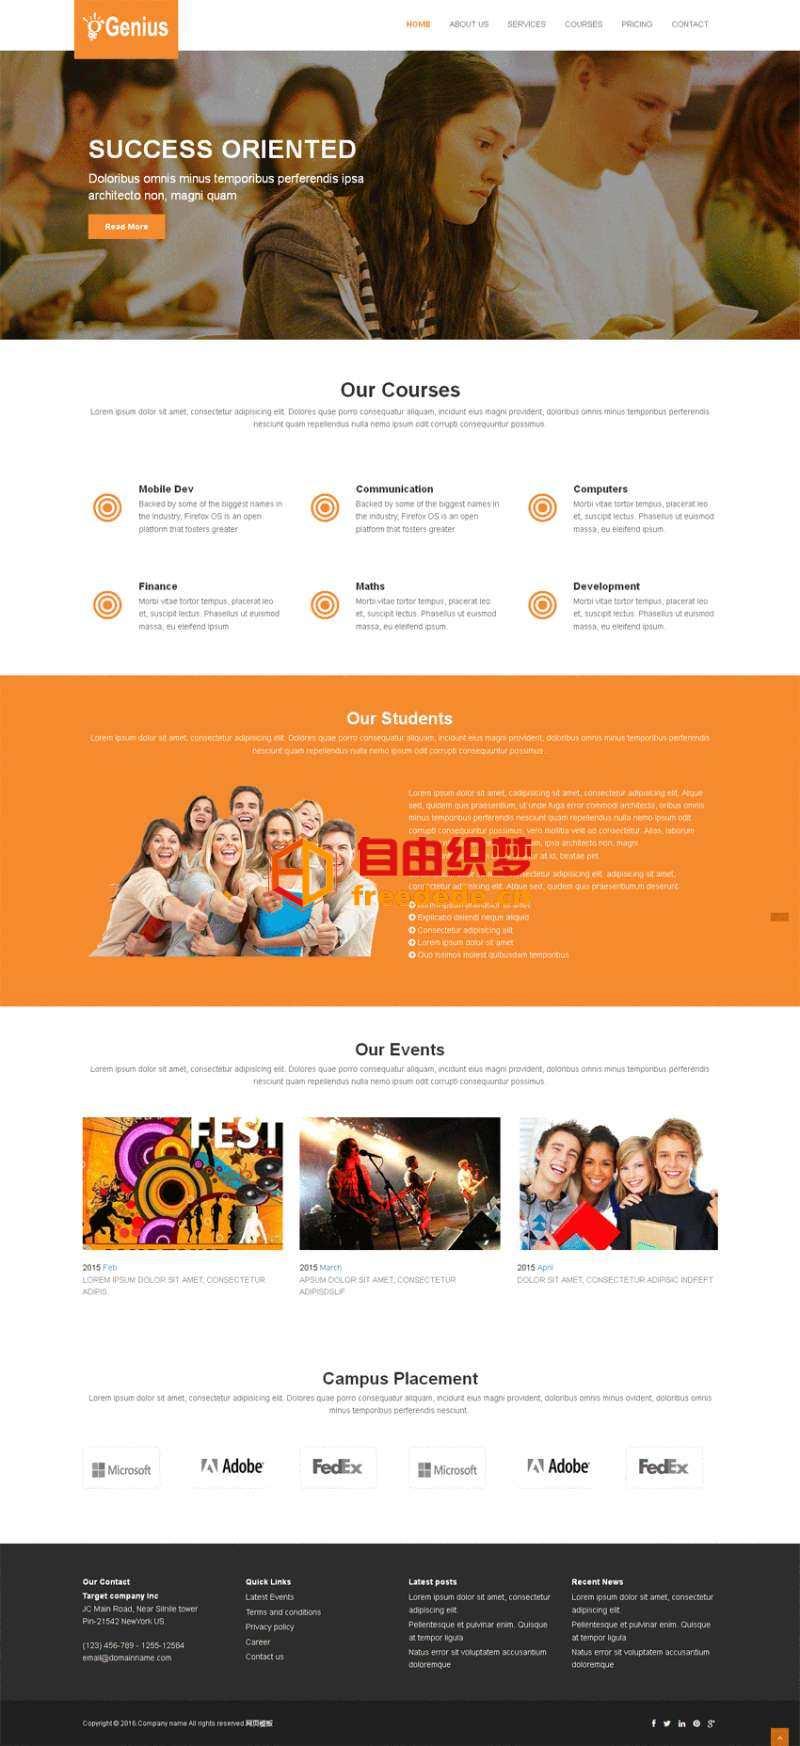 爱上源码网文章橙色扁平化国外留学生教育网站模板下载的内容插图